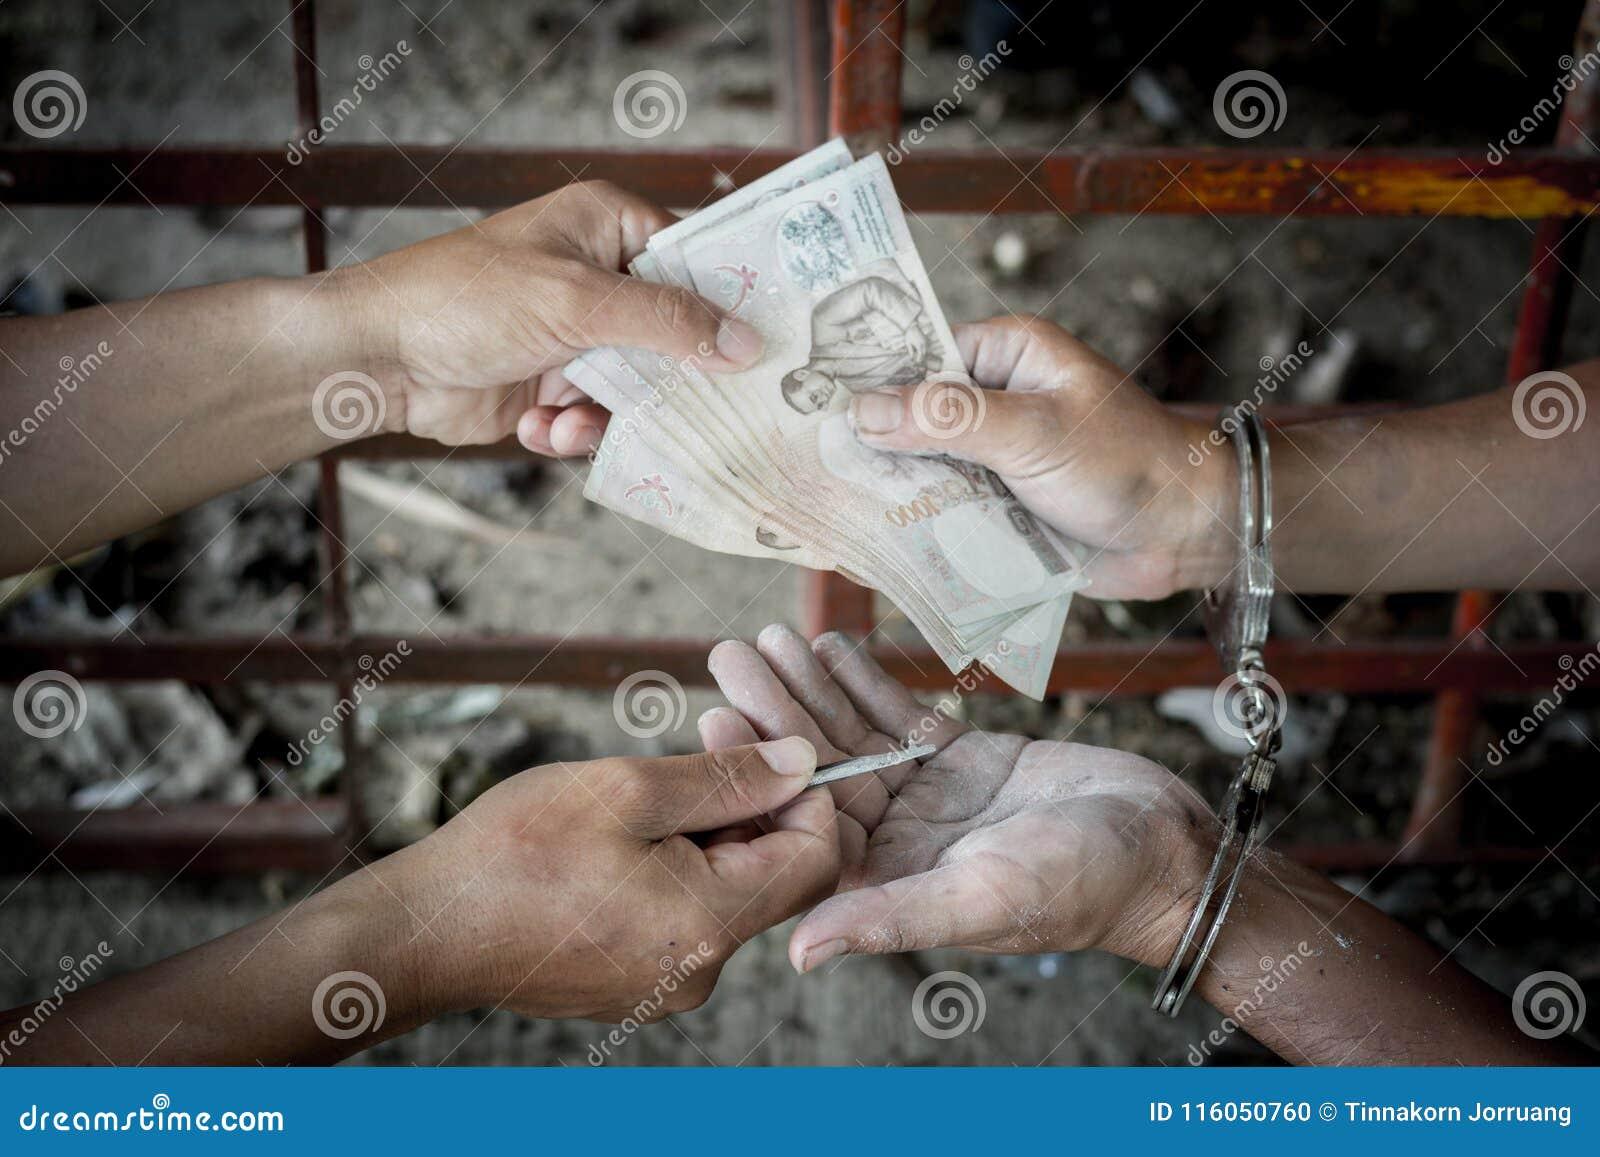 De overtreders geven geld in ruil voor versie,